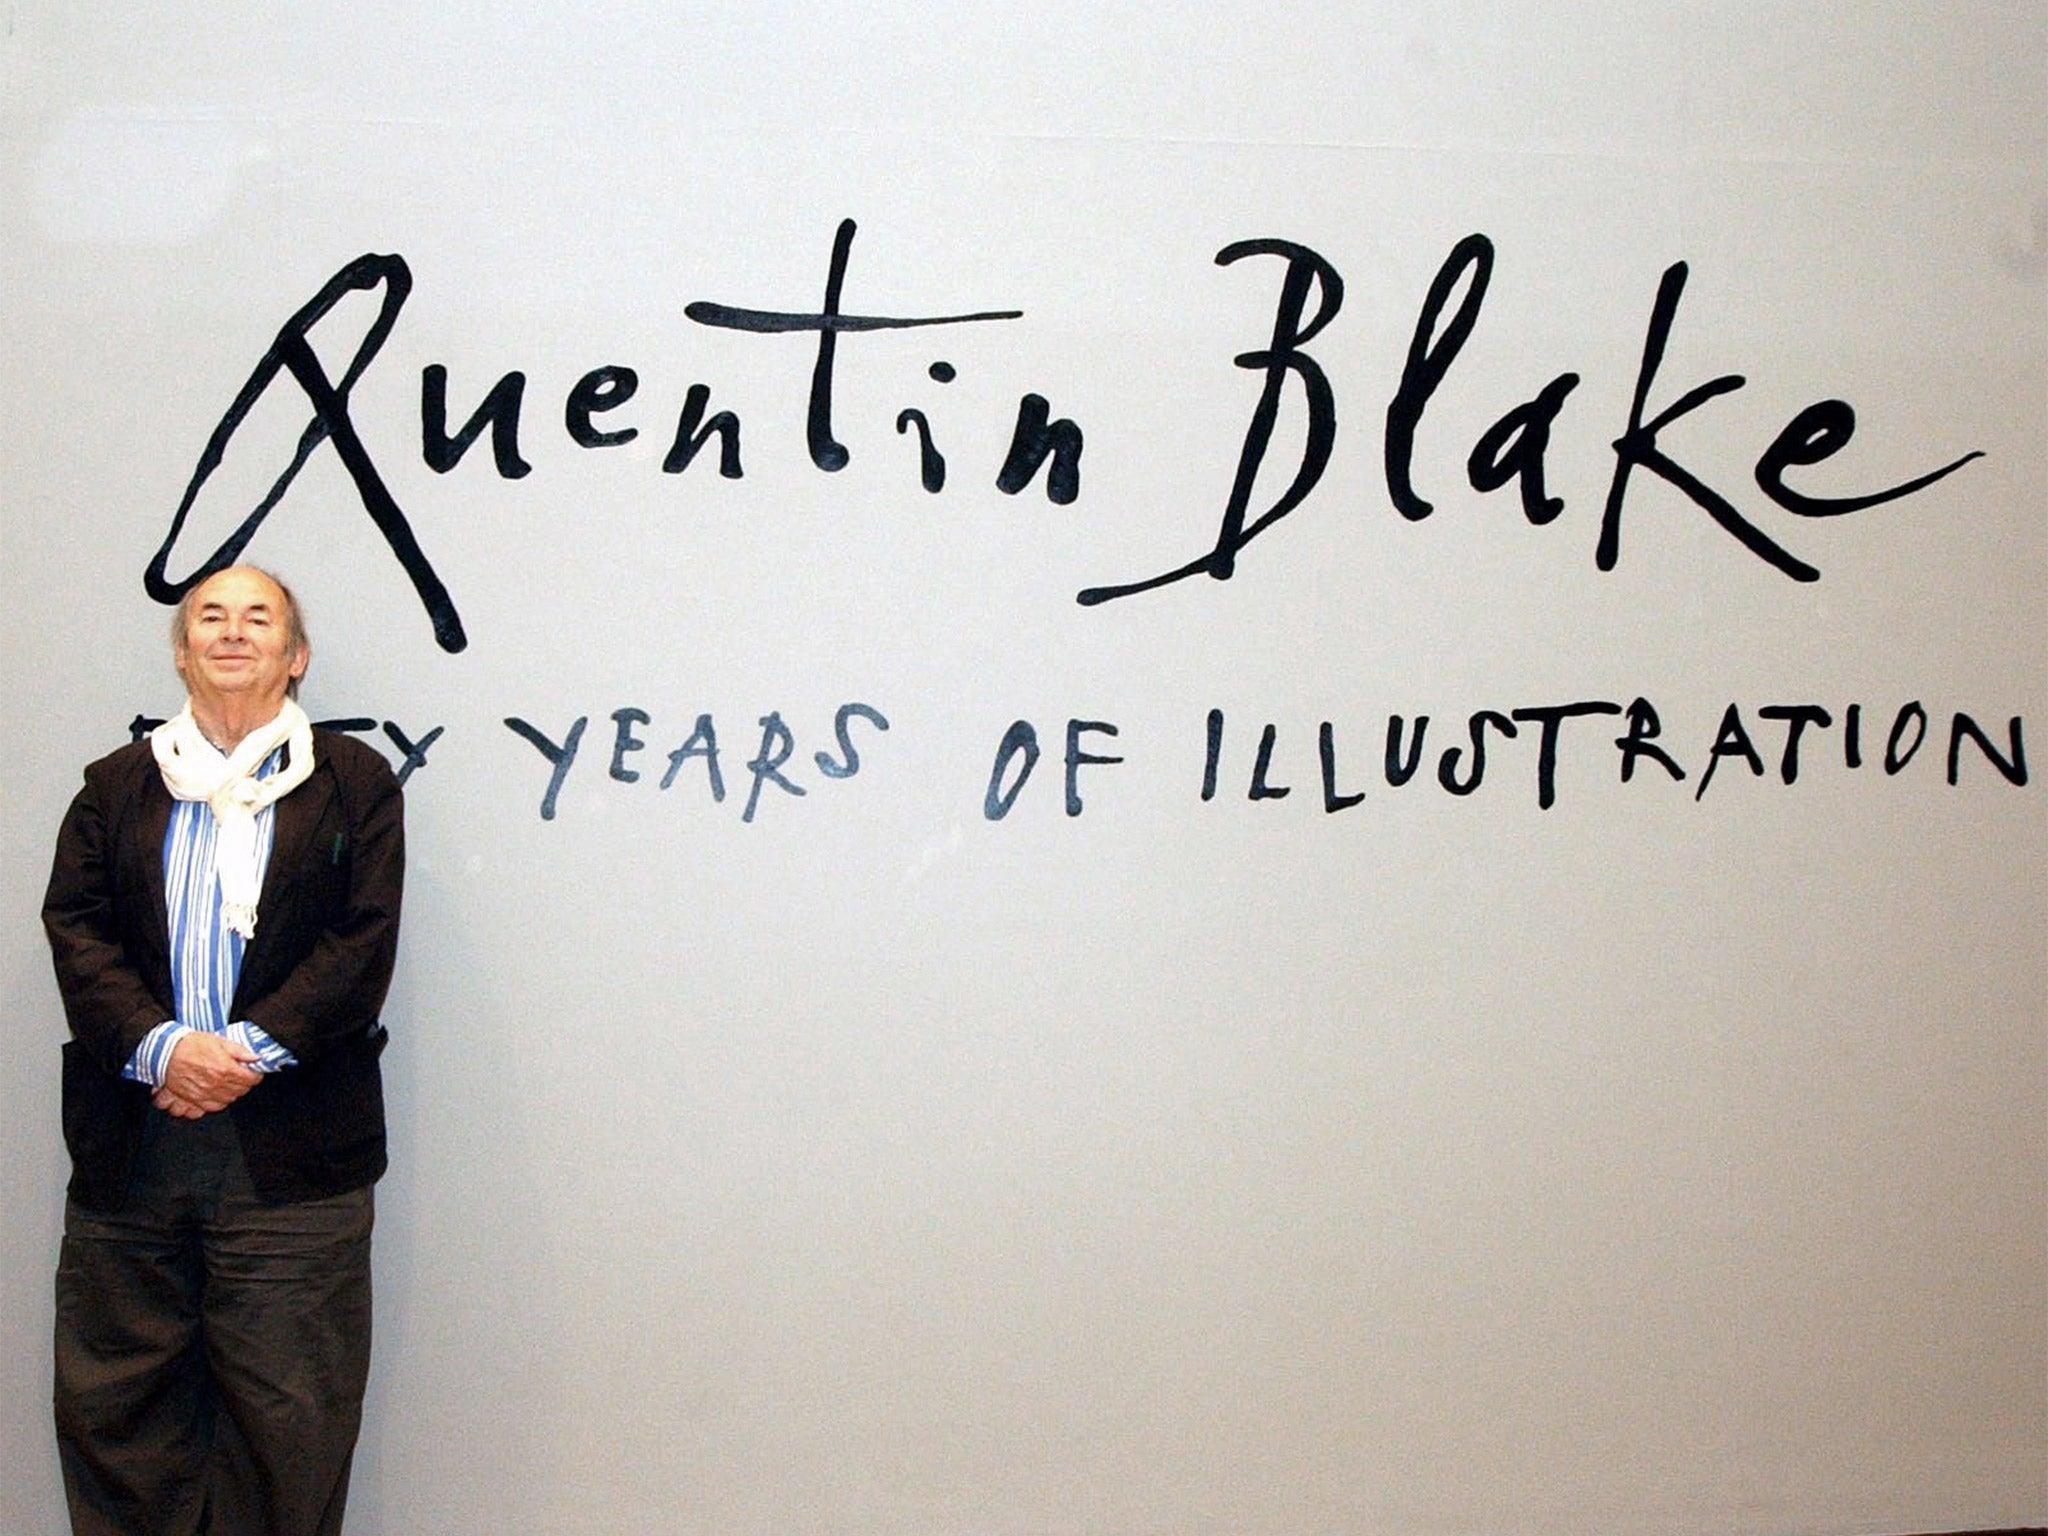 Quentin Blake Roald Dahl Illustrators Unique Handwriting